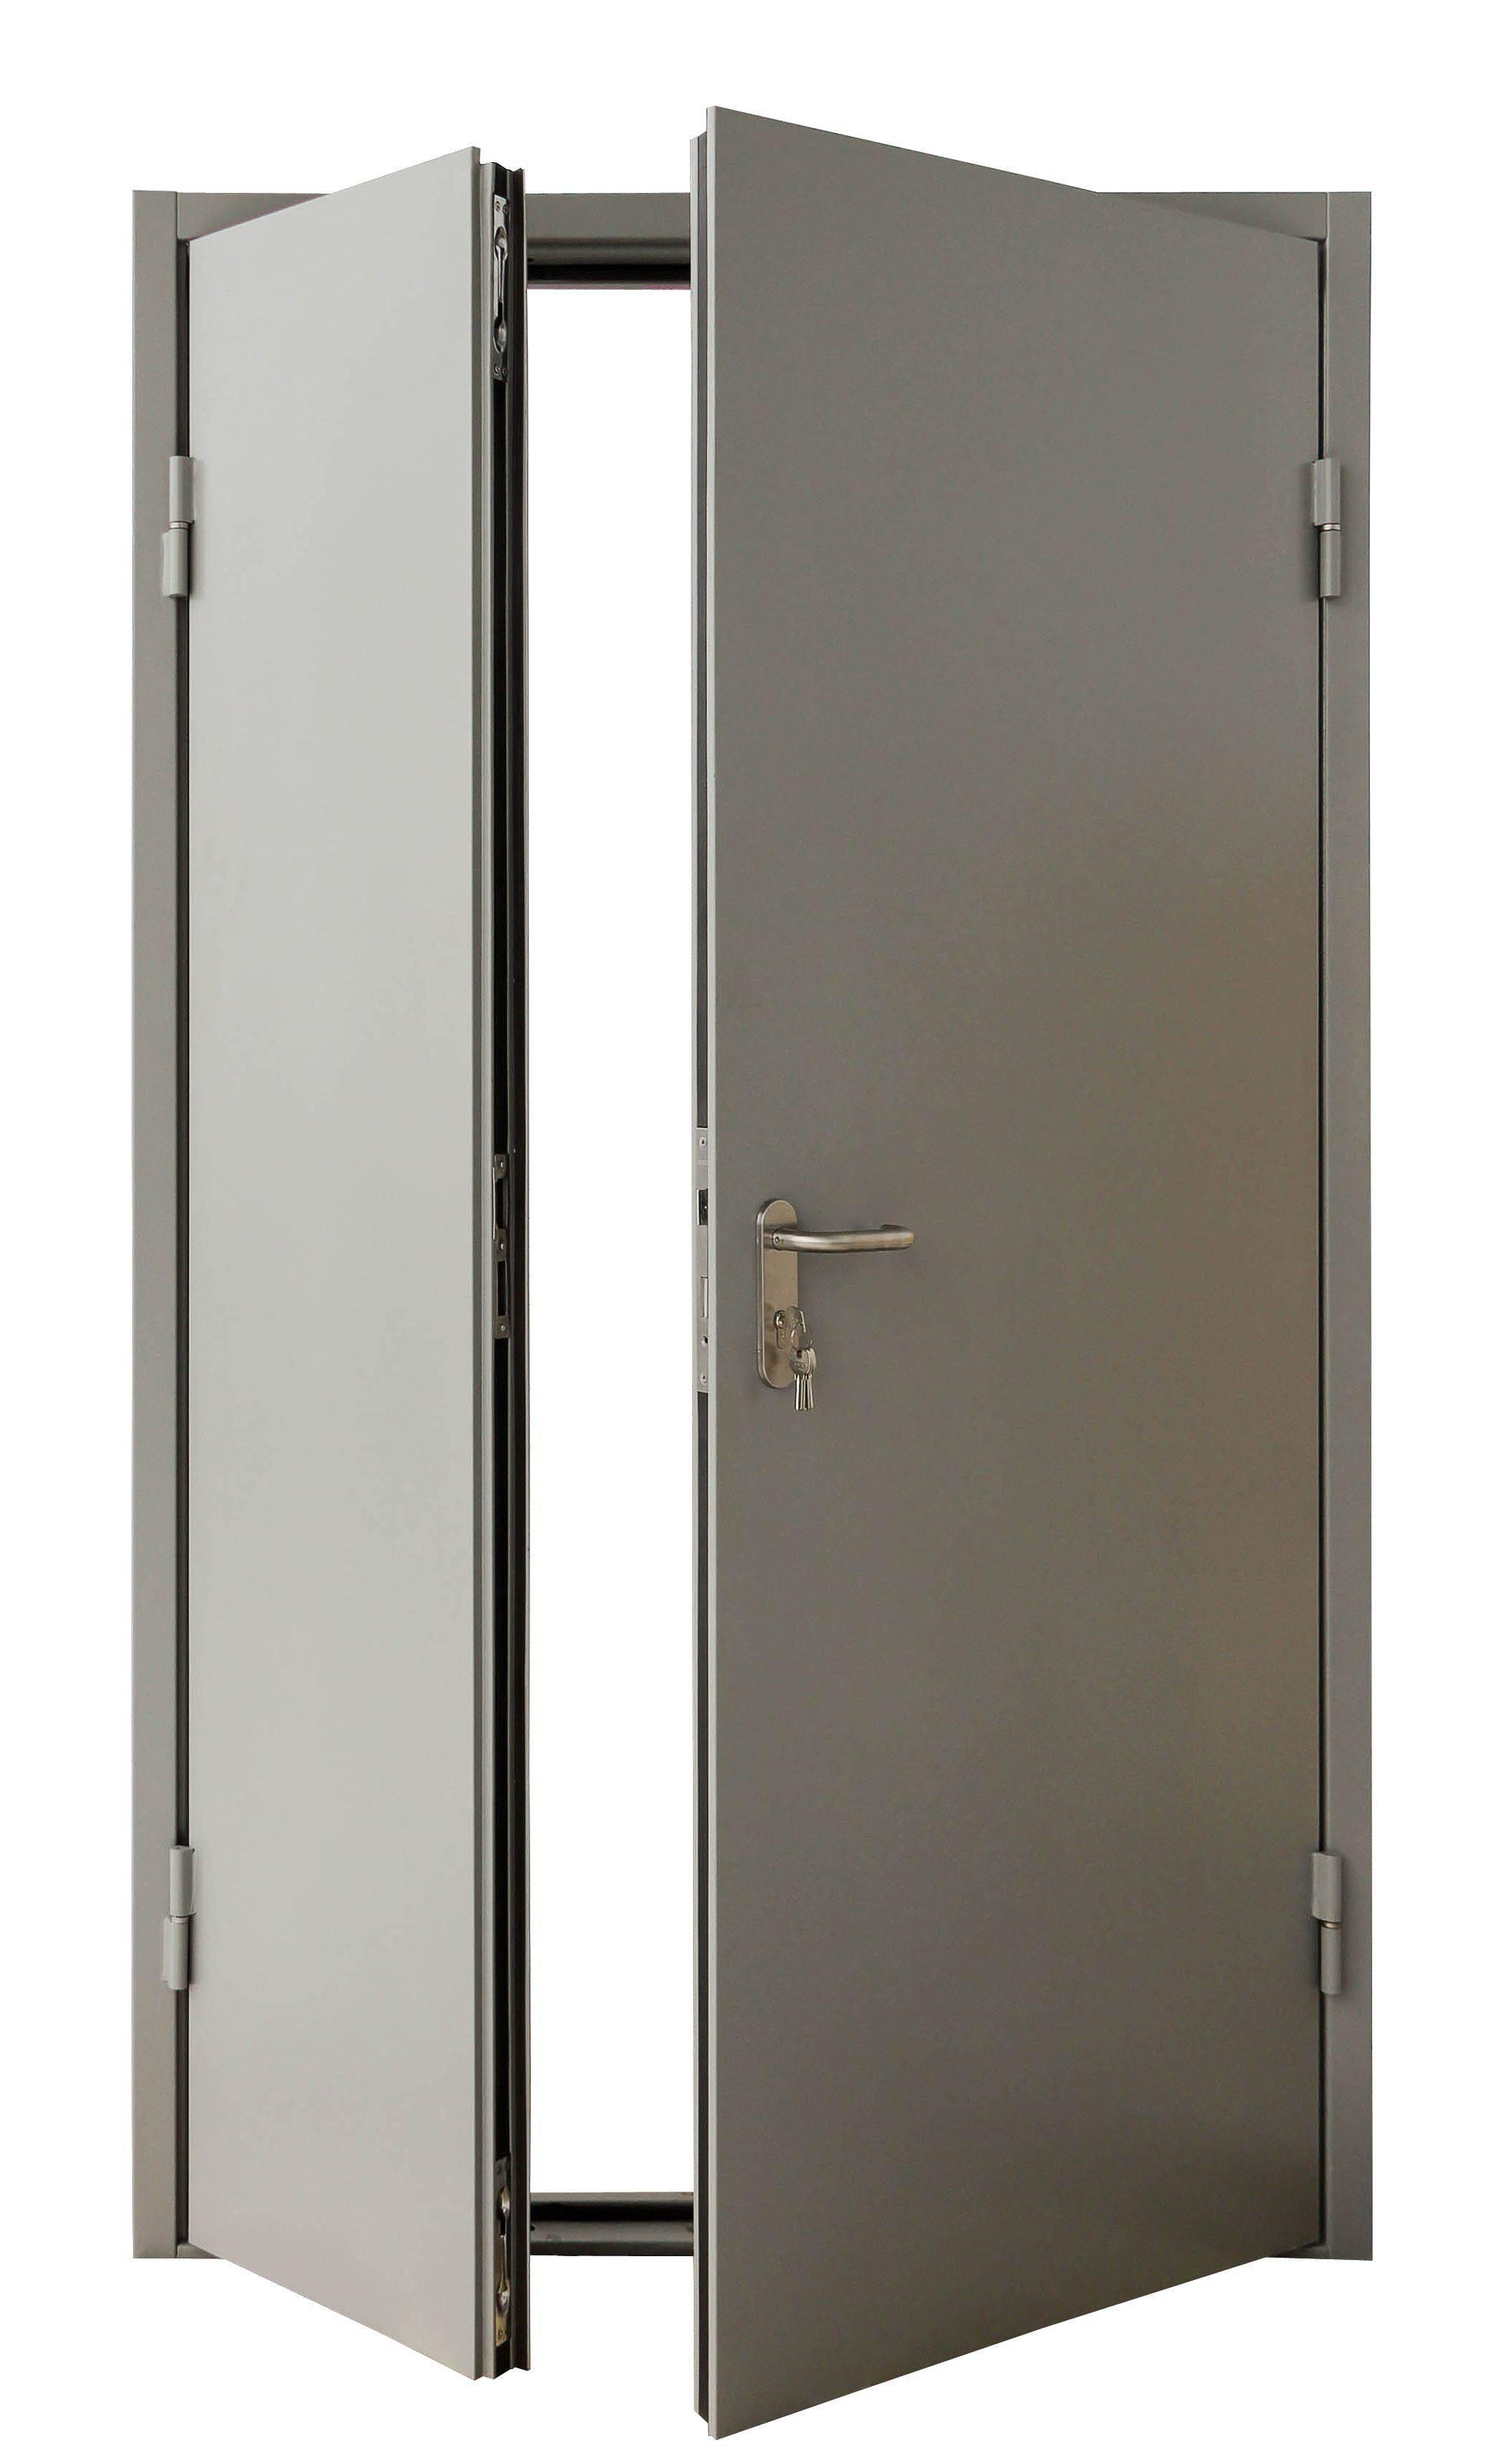 Противопожарные металлические двухстворчатые двери